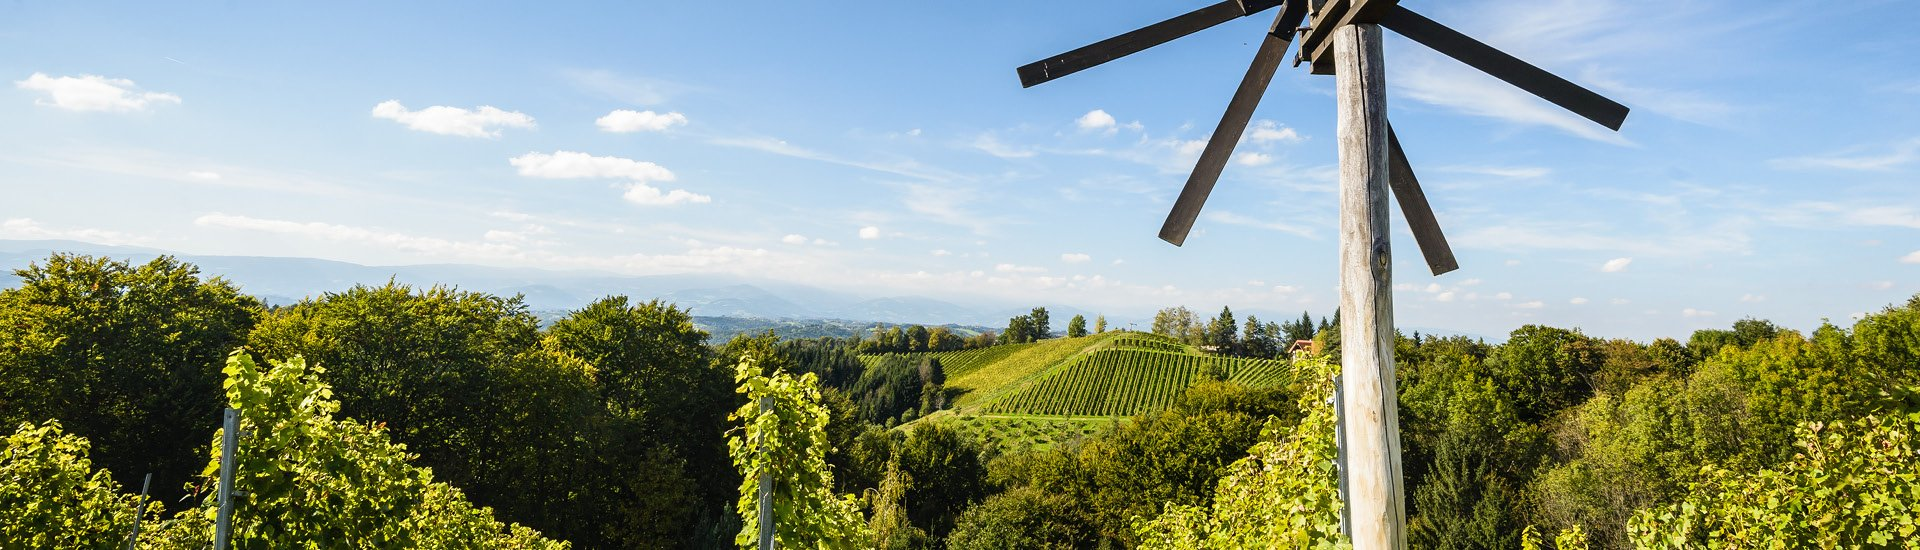 Weine - Vinorama on Tour: Steiermark DAC - die ersten Gebietsweine 04/2019 - Slider